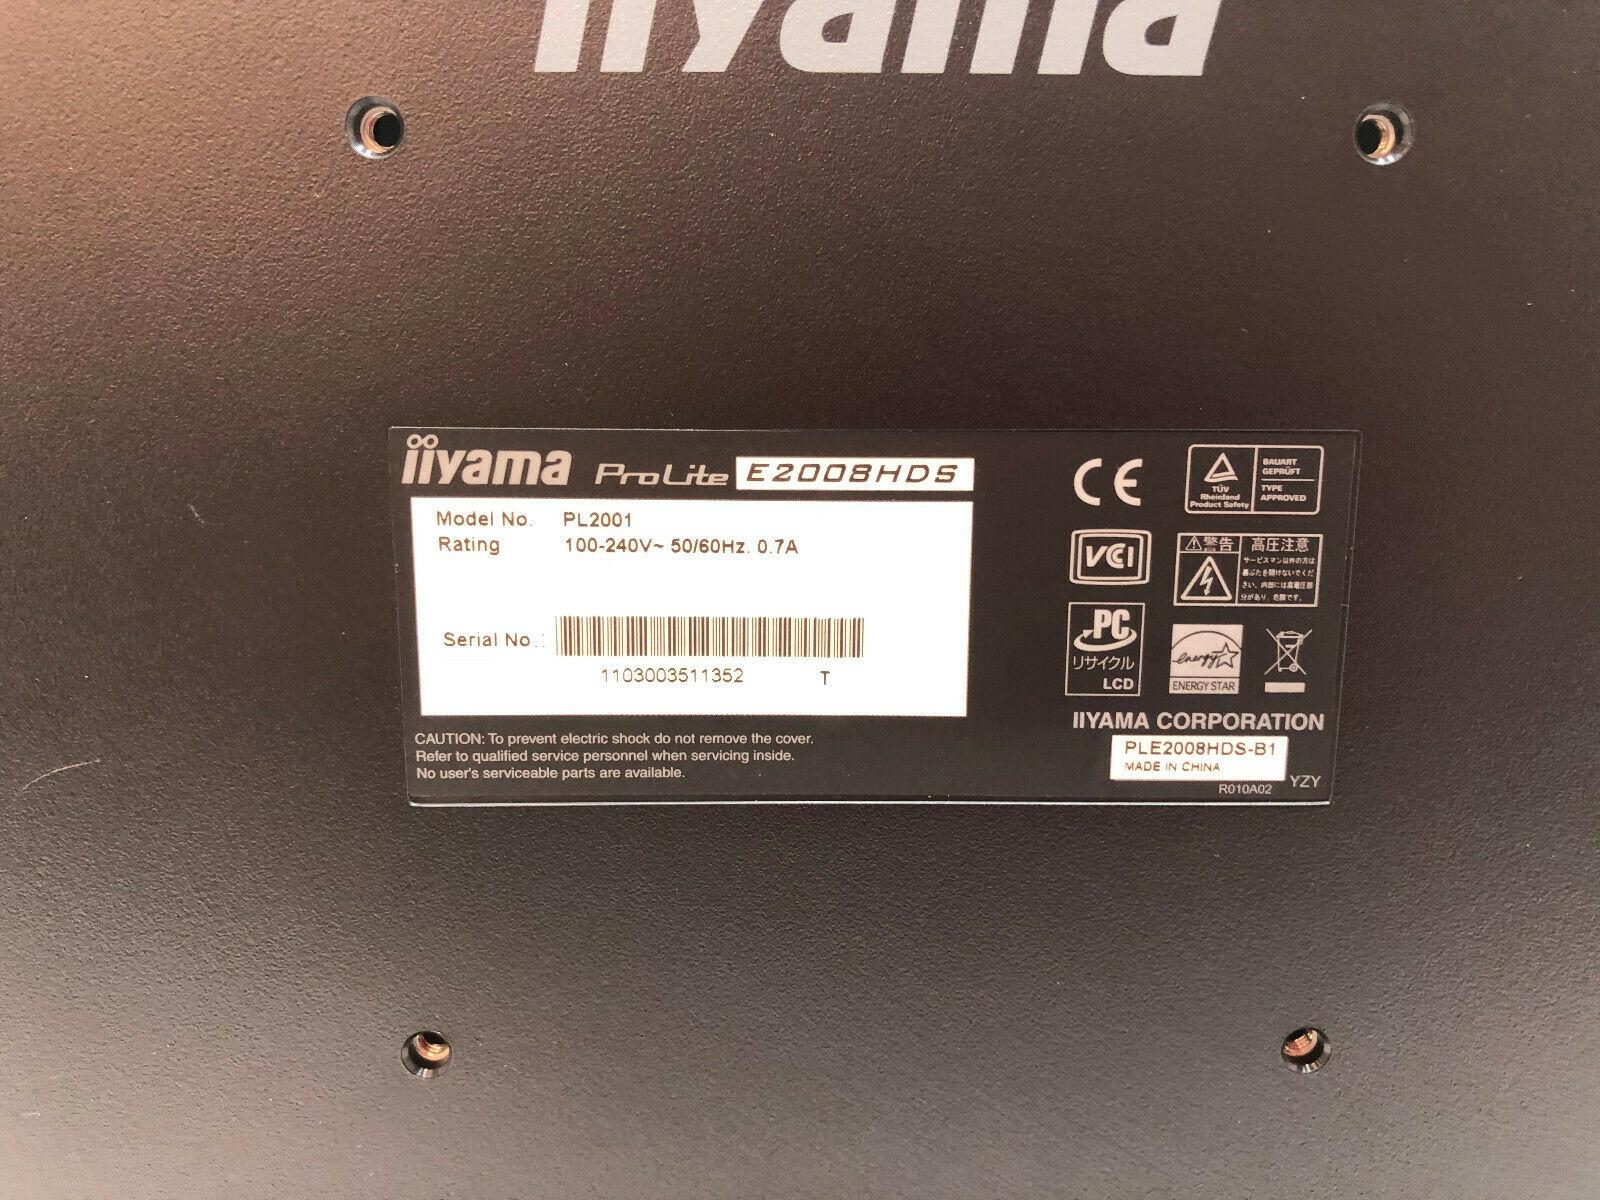 Iiyama Prolite E2008HDS No 4